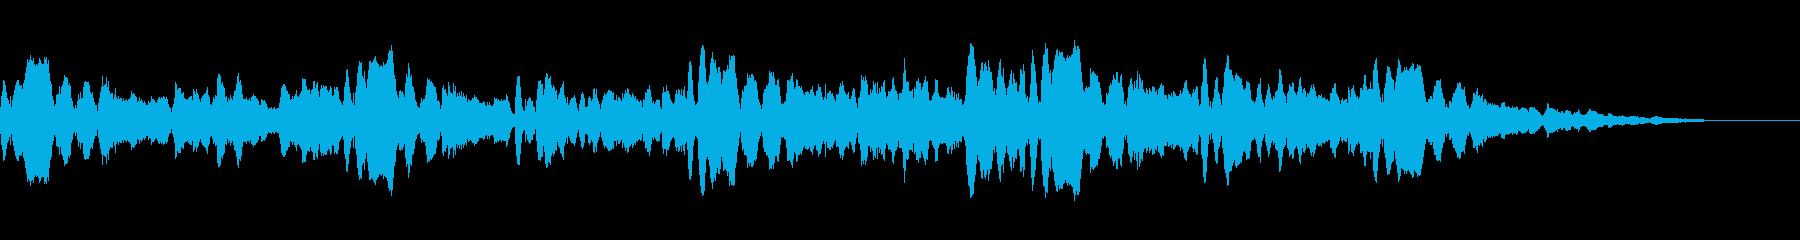 ほのぼのした日常の風景のBGMの再生済みの波形